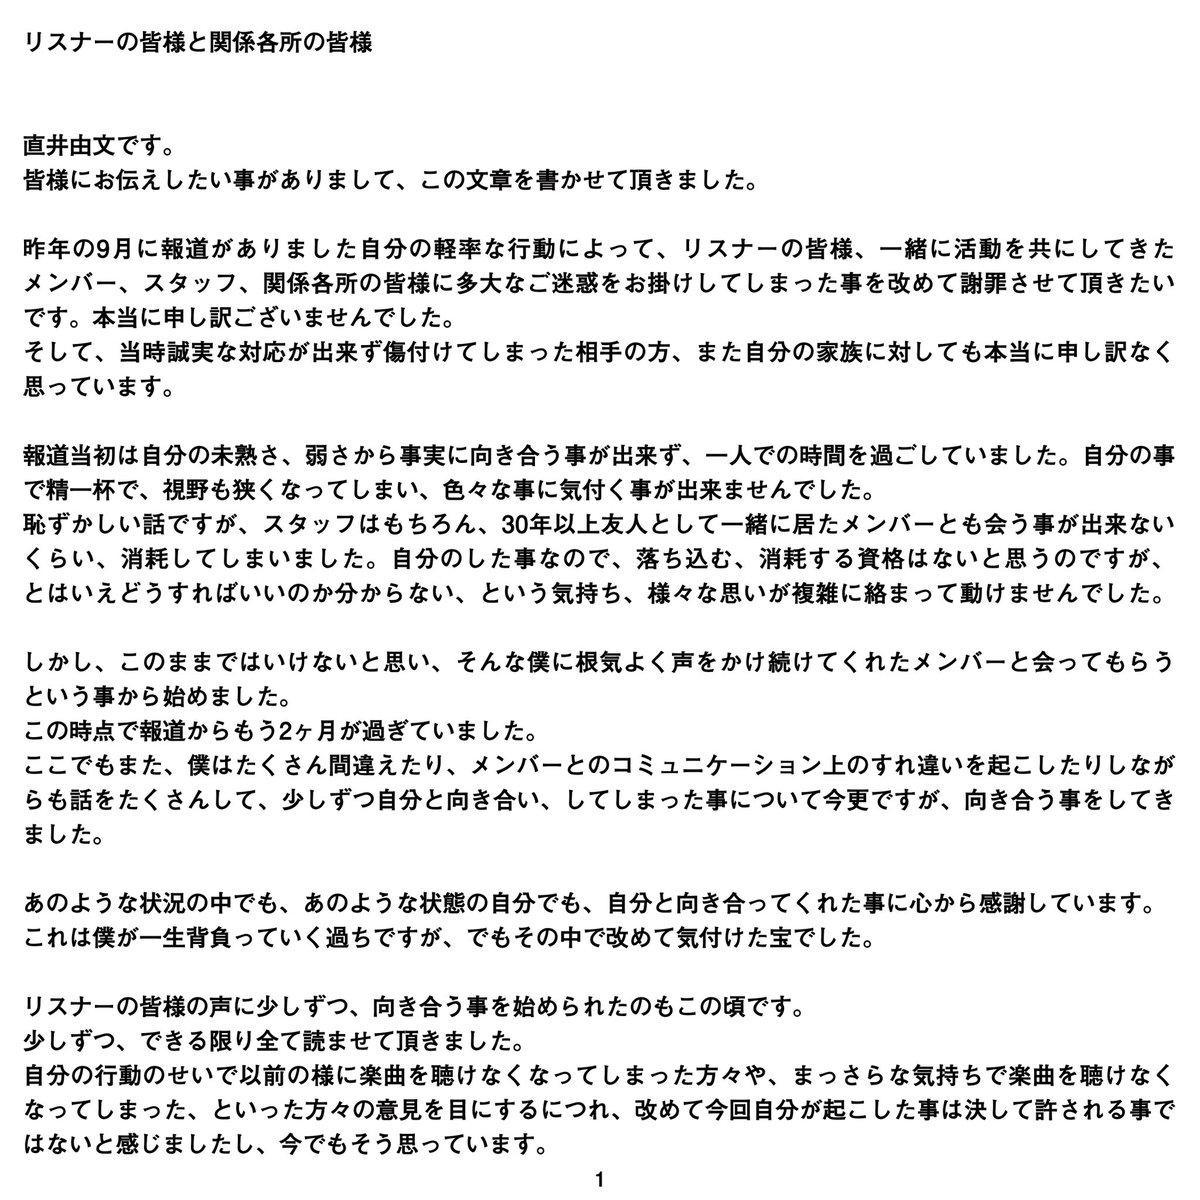 活動を休止しておりましたBa.直井より、リスナーの皆様と関係各所の皆様へ。このあと日付変わって6/7(月) 03:00~PONTSUKA!!に直井も出演させて頂きます。